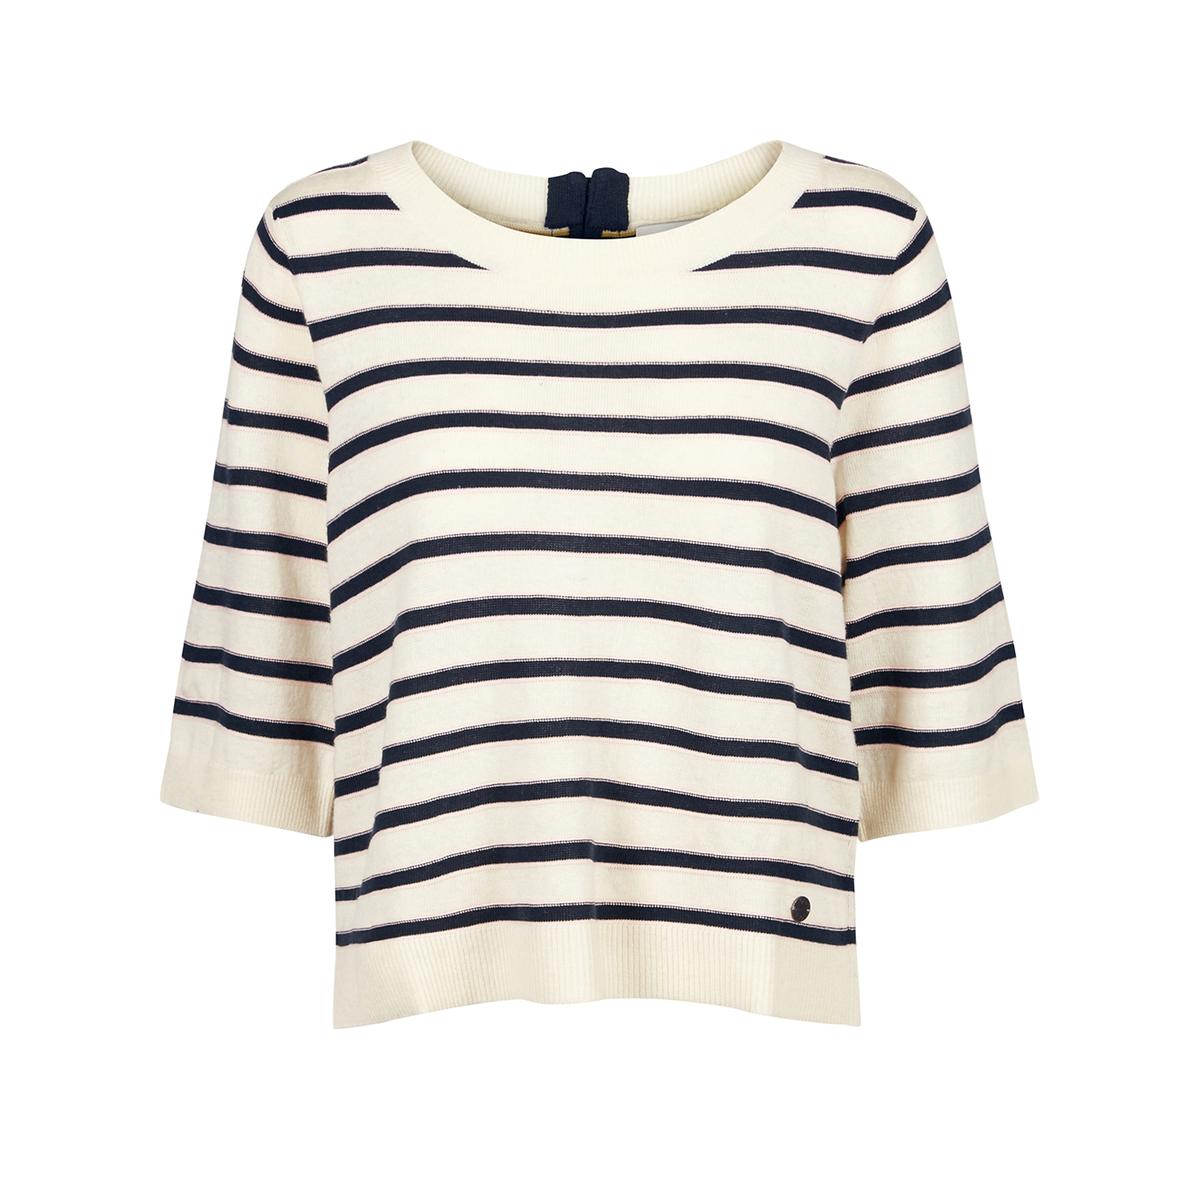 Пуловер в полоску с рукавами 3/4, на молнии сзадиМатериал : 10% шерсти, 60% акрила, 5% ангоры, 25% полиамидаДлина рукава : Рукава 3/4 Форма воротника : Круглый вырез Покрой пуловера : СтандартныйРисунок : в полоску.<br><br>Цвет: экрю/ синий